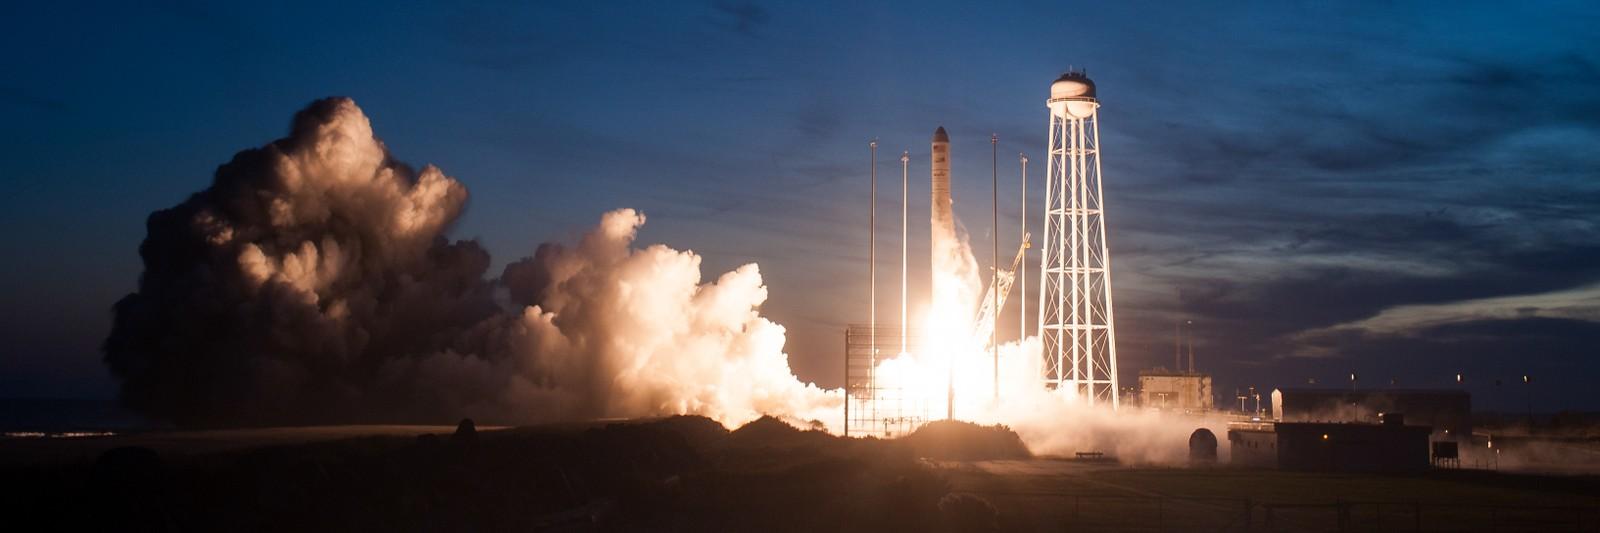 Mens raketten stiger opp fra oppskytningsrampen får datamaskinene ombord flere strømmer av data fra sensorer i motorene. Alt ser ut til å fungere optimalt.